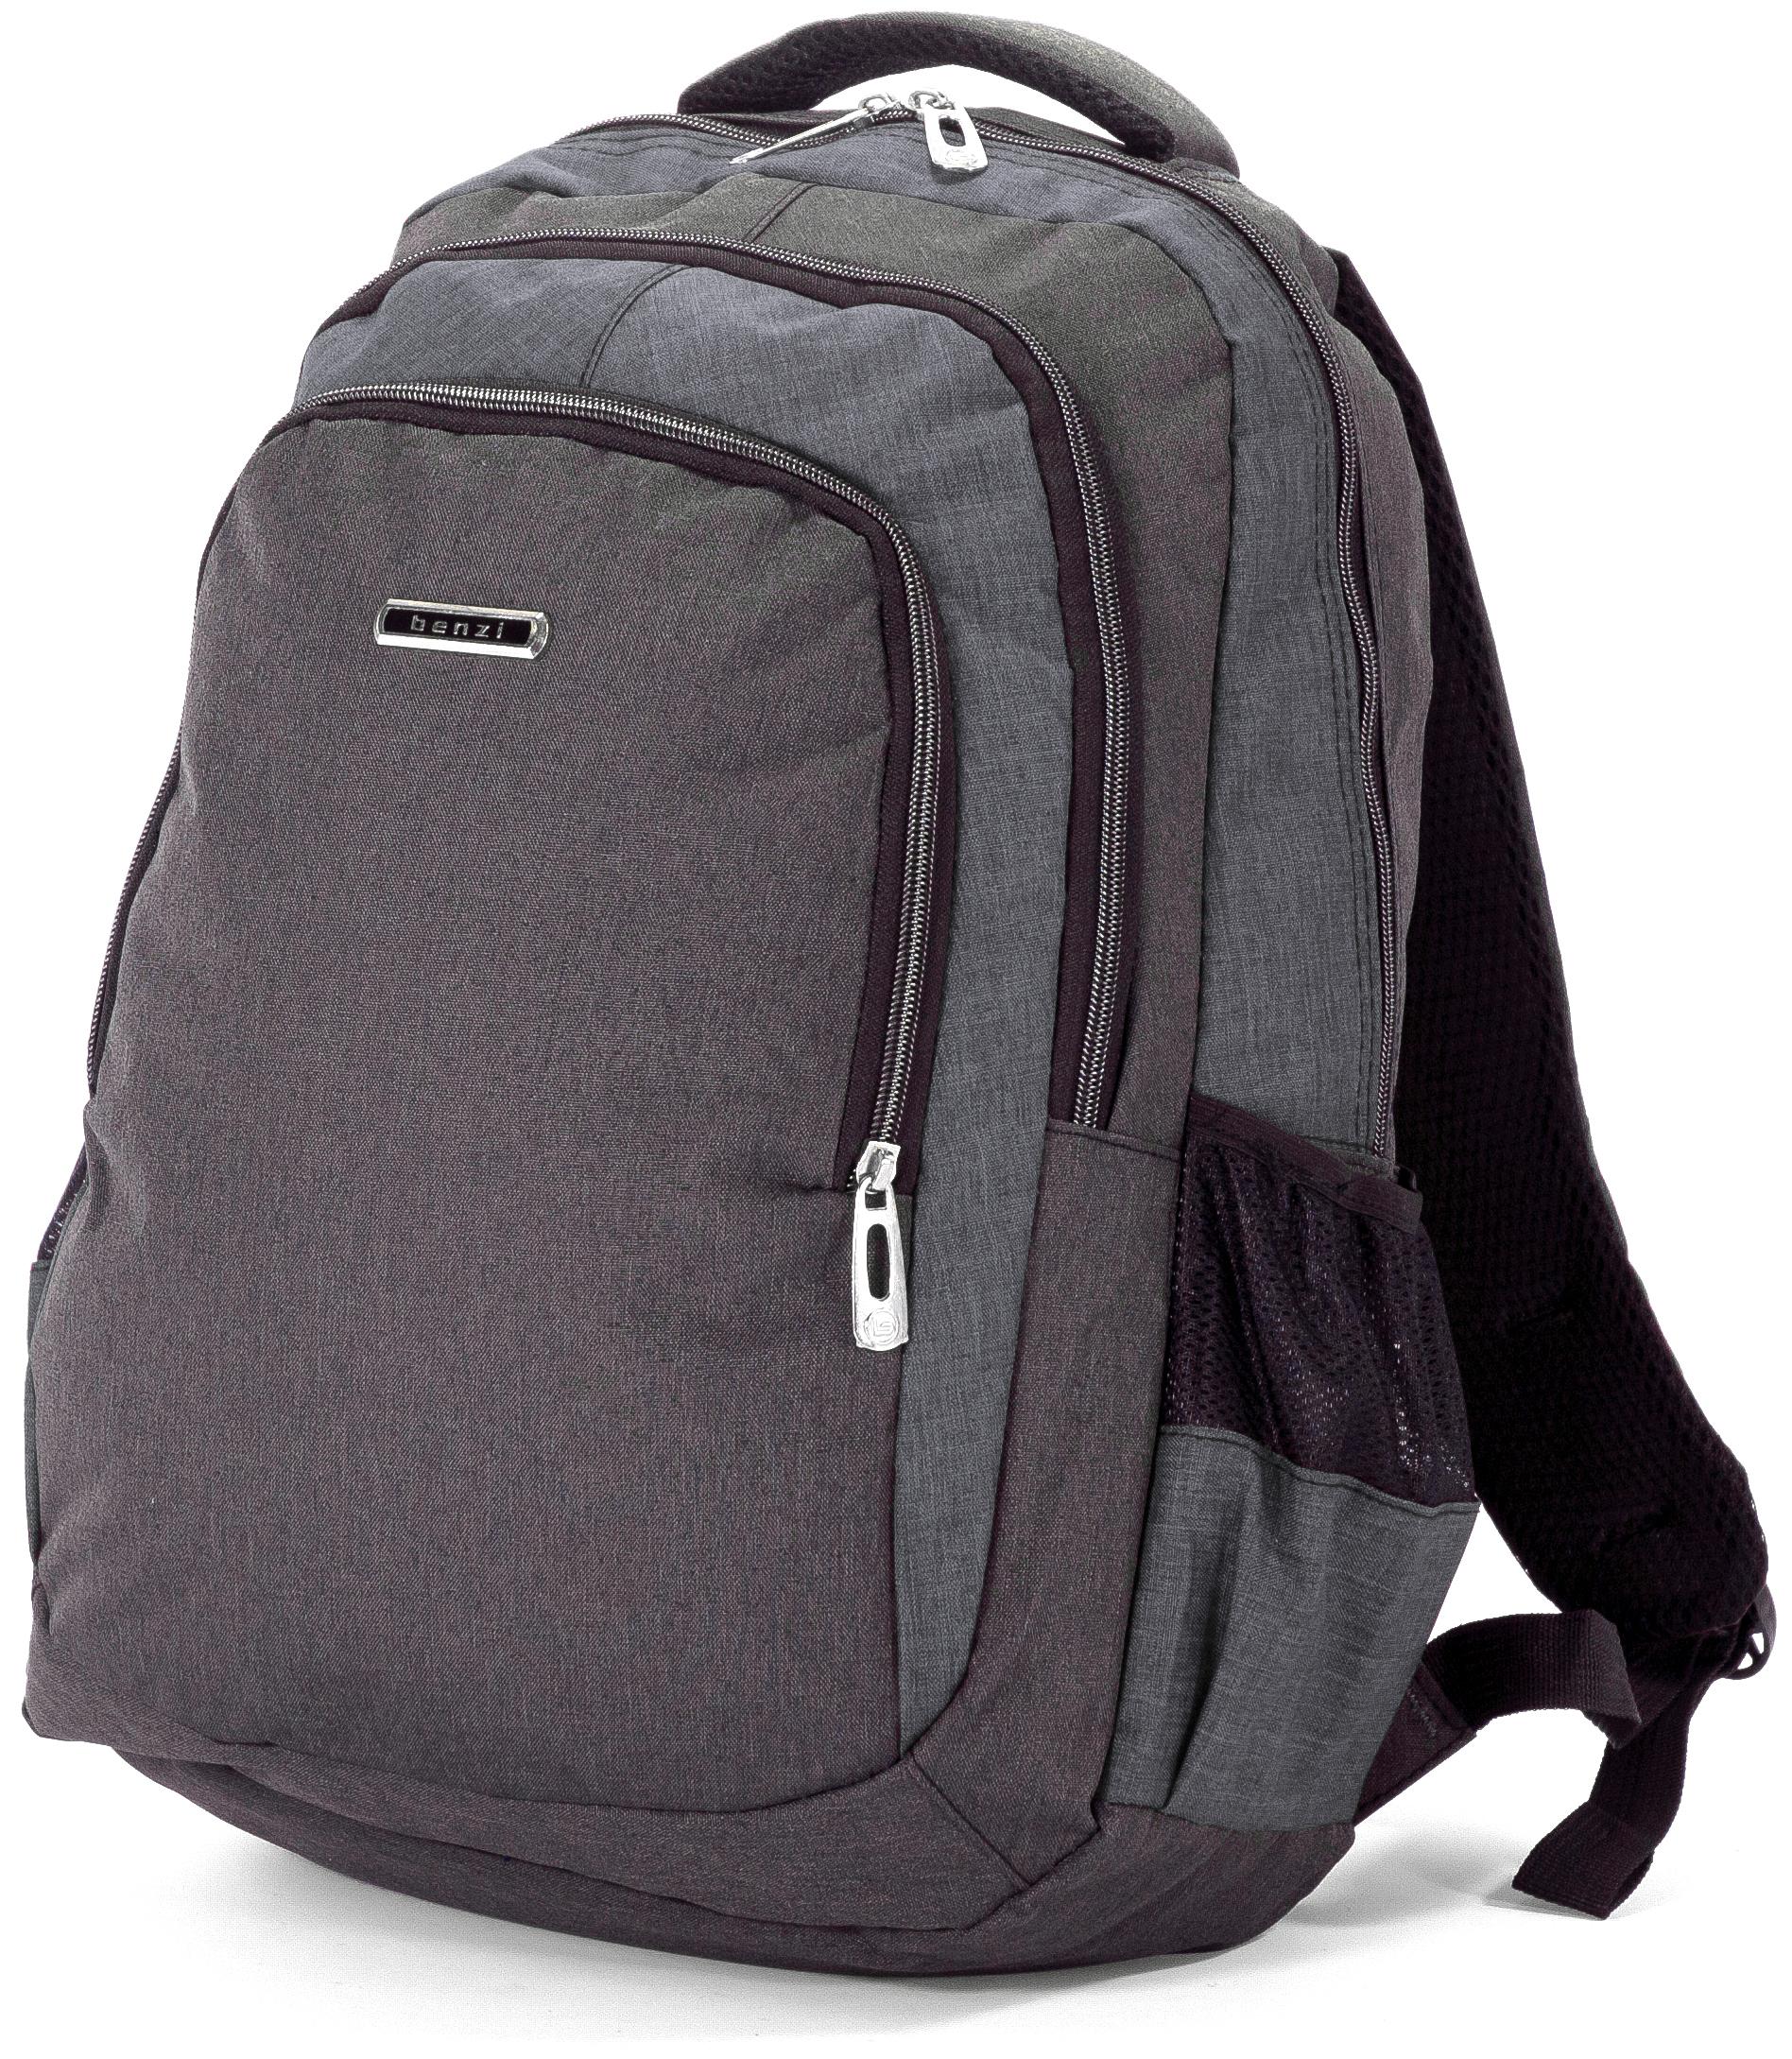 Σακίδιο Πλάτης 44εκ Benzi BZ5074 Μαύρο/Γκρι σακίδια   τσάντες   τσάντες πλάτης